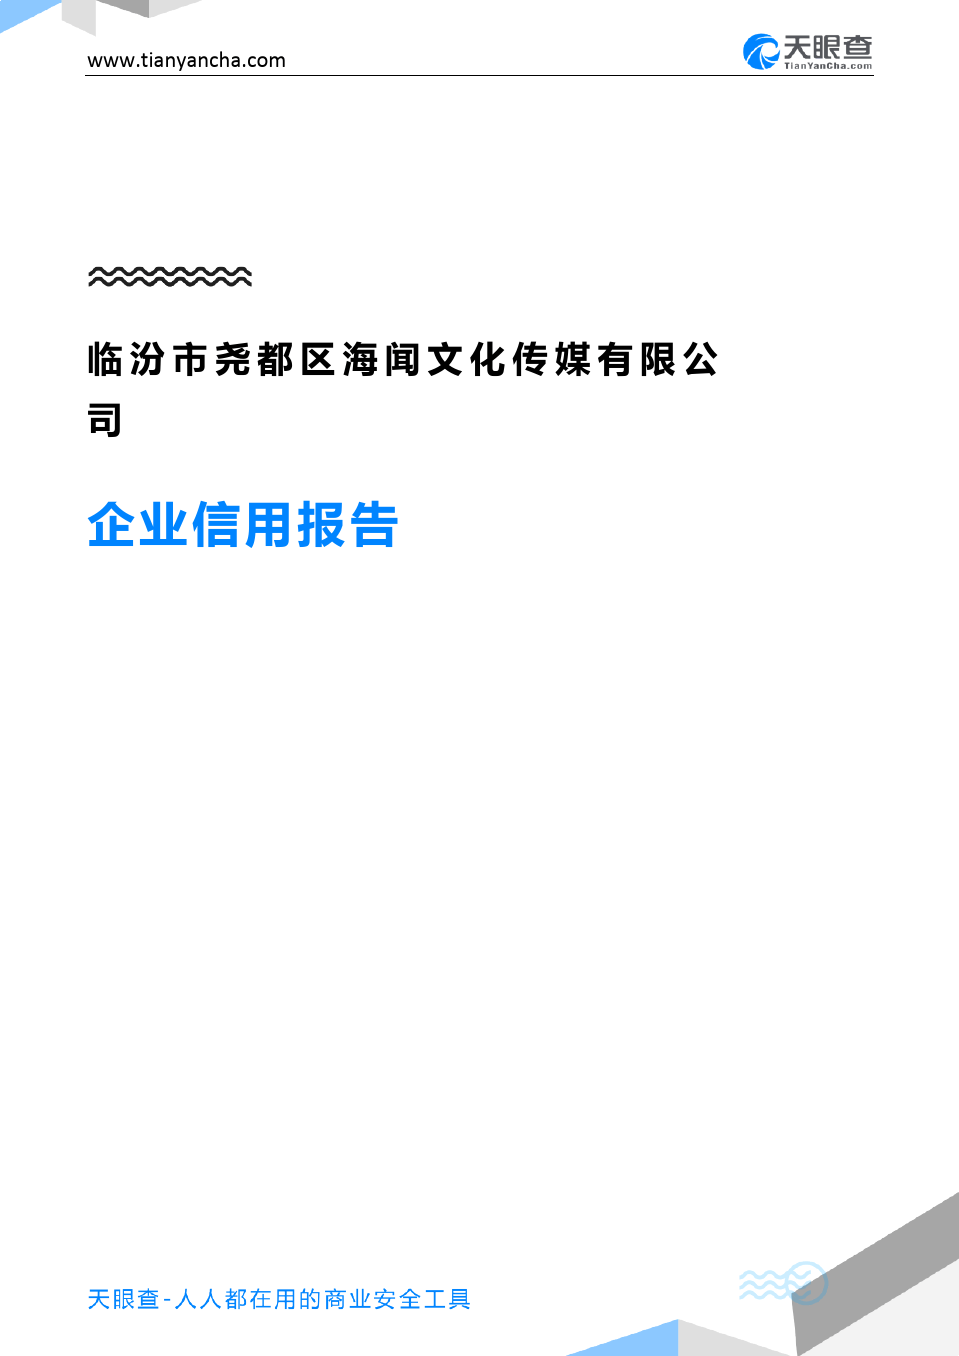 临汾市尧都区海闻文化传媒有限公司(企业信用报告)- 天眼查